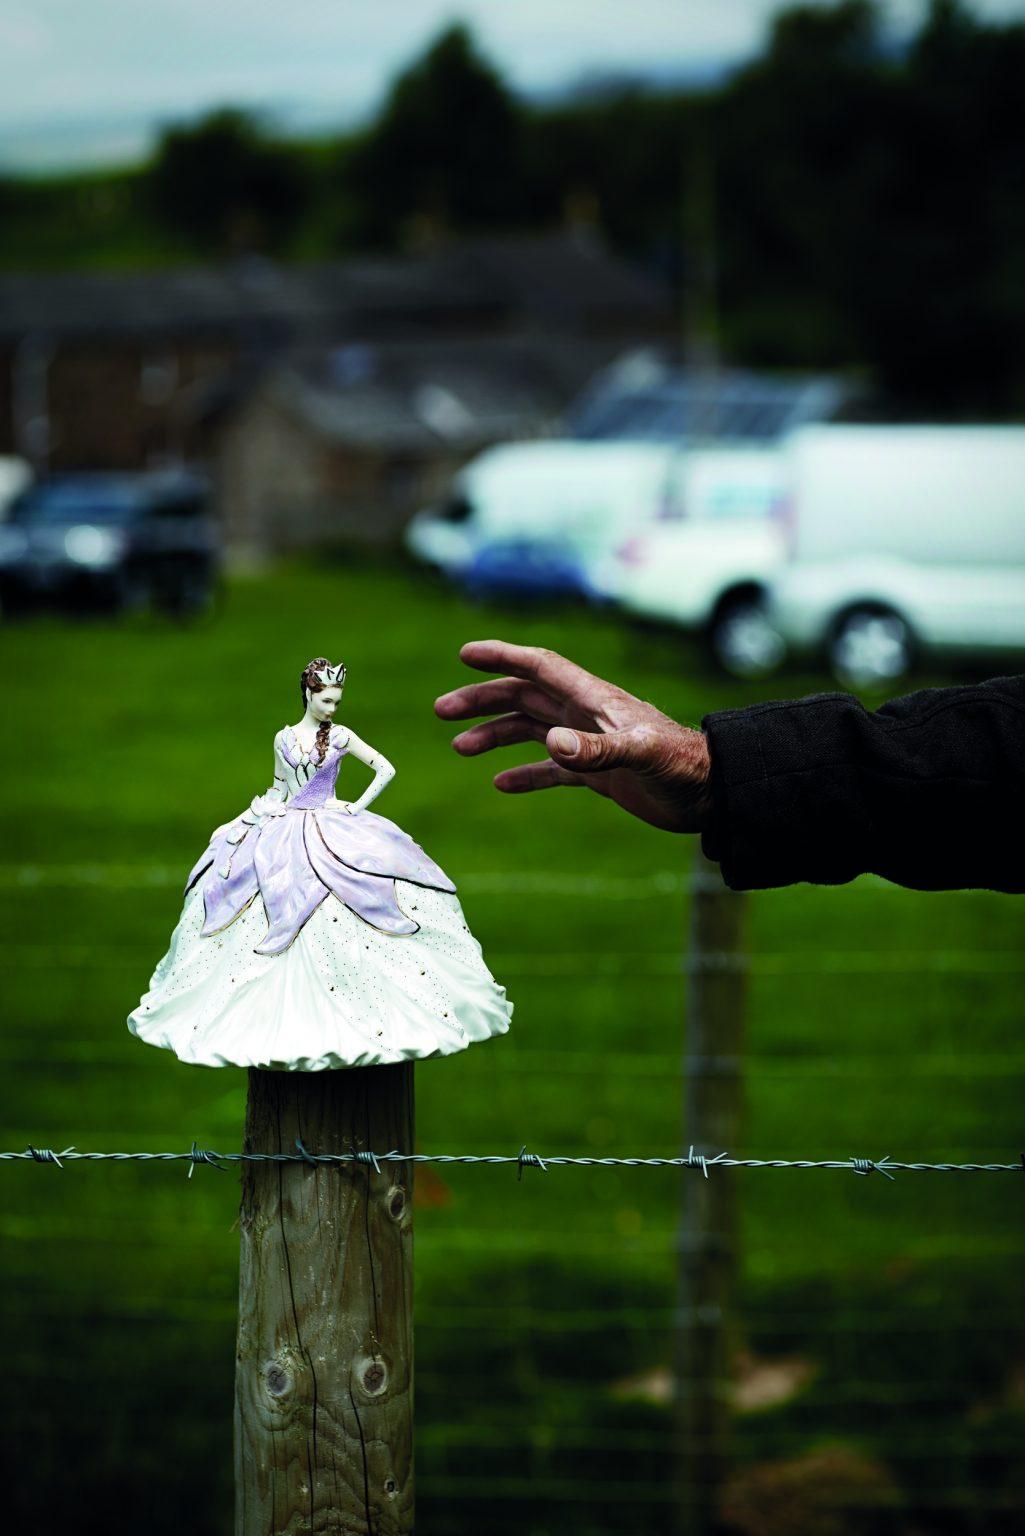 Appleby, United Kingdom, June 2015 - Appleby Horse Fair. Collectible porcelain doll. ><  Appleby, Regno Unito, giugno 2015 - Appleby Horse Fair. Una bambola di porcellana da collezione. *** Local Caption ***